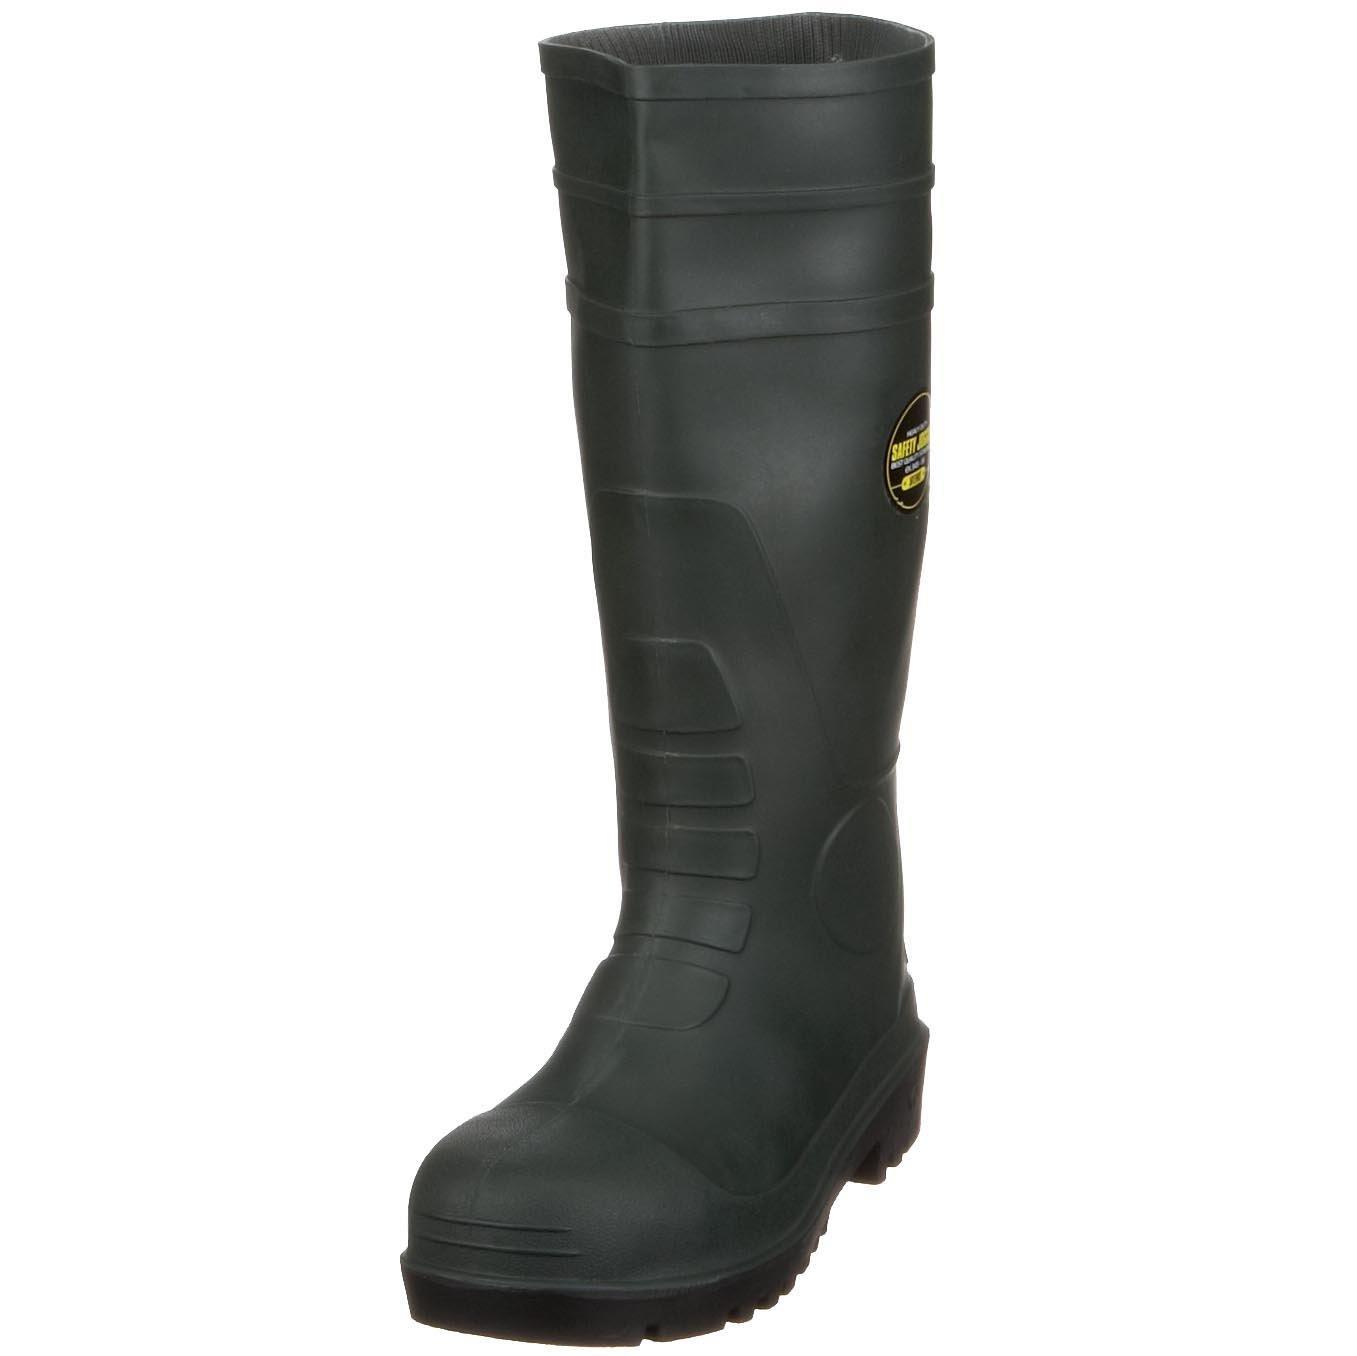 Saftey Jogger de ARTEMIS, Chaussures de sécurité mixte Saftey adulte Jogger Vert-tr-sw177 d0dc7c0 - digitalweb.space